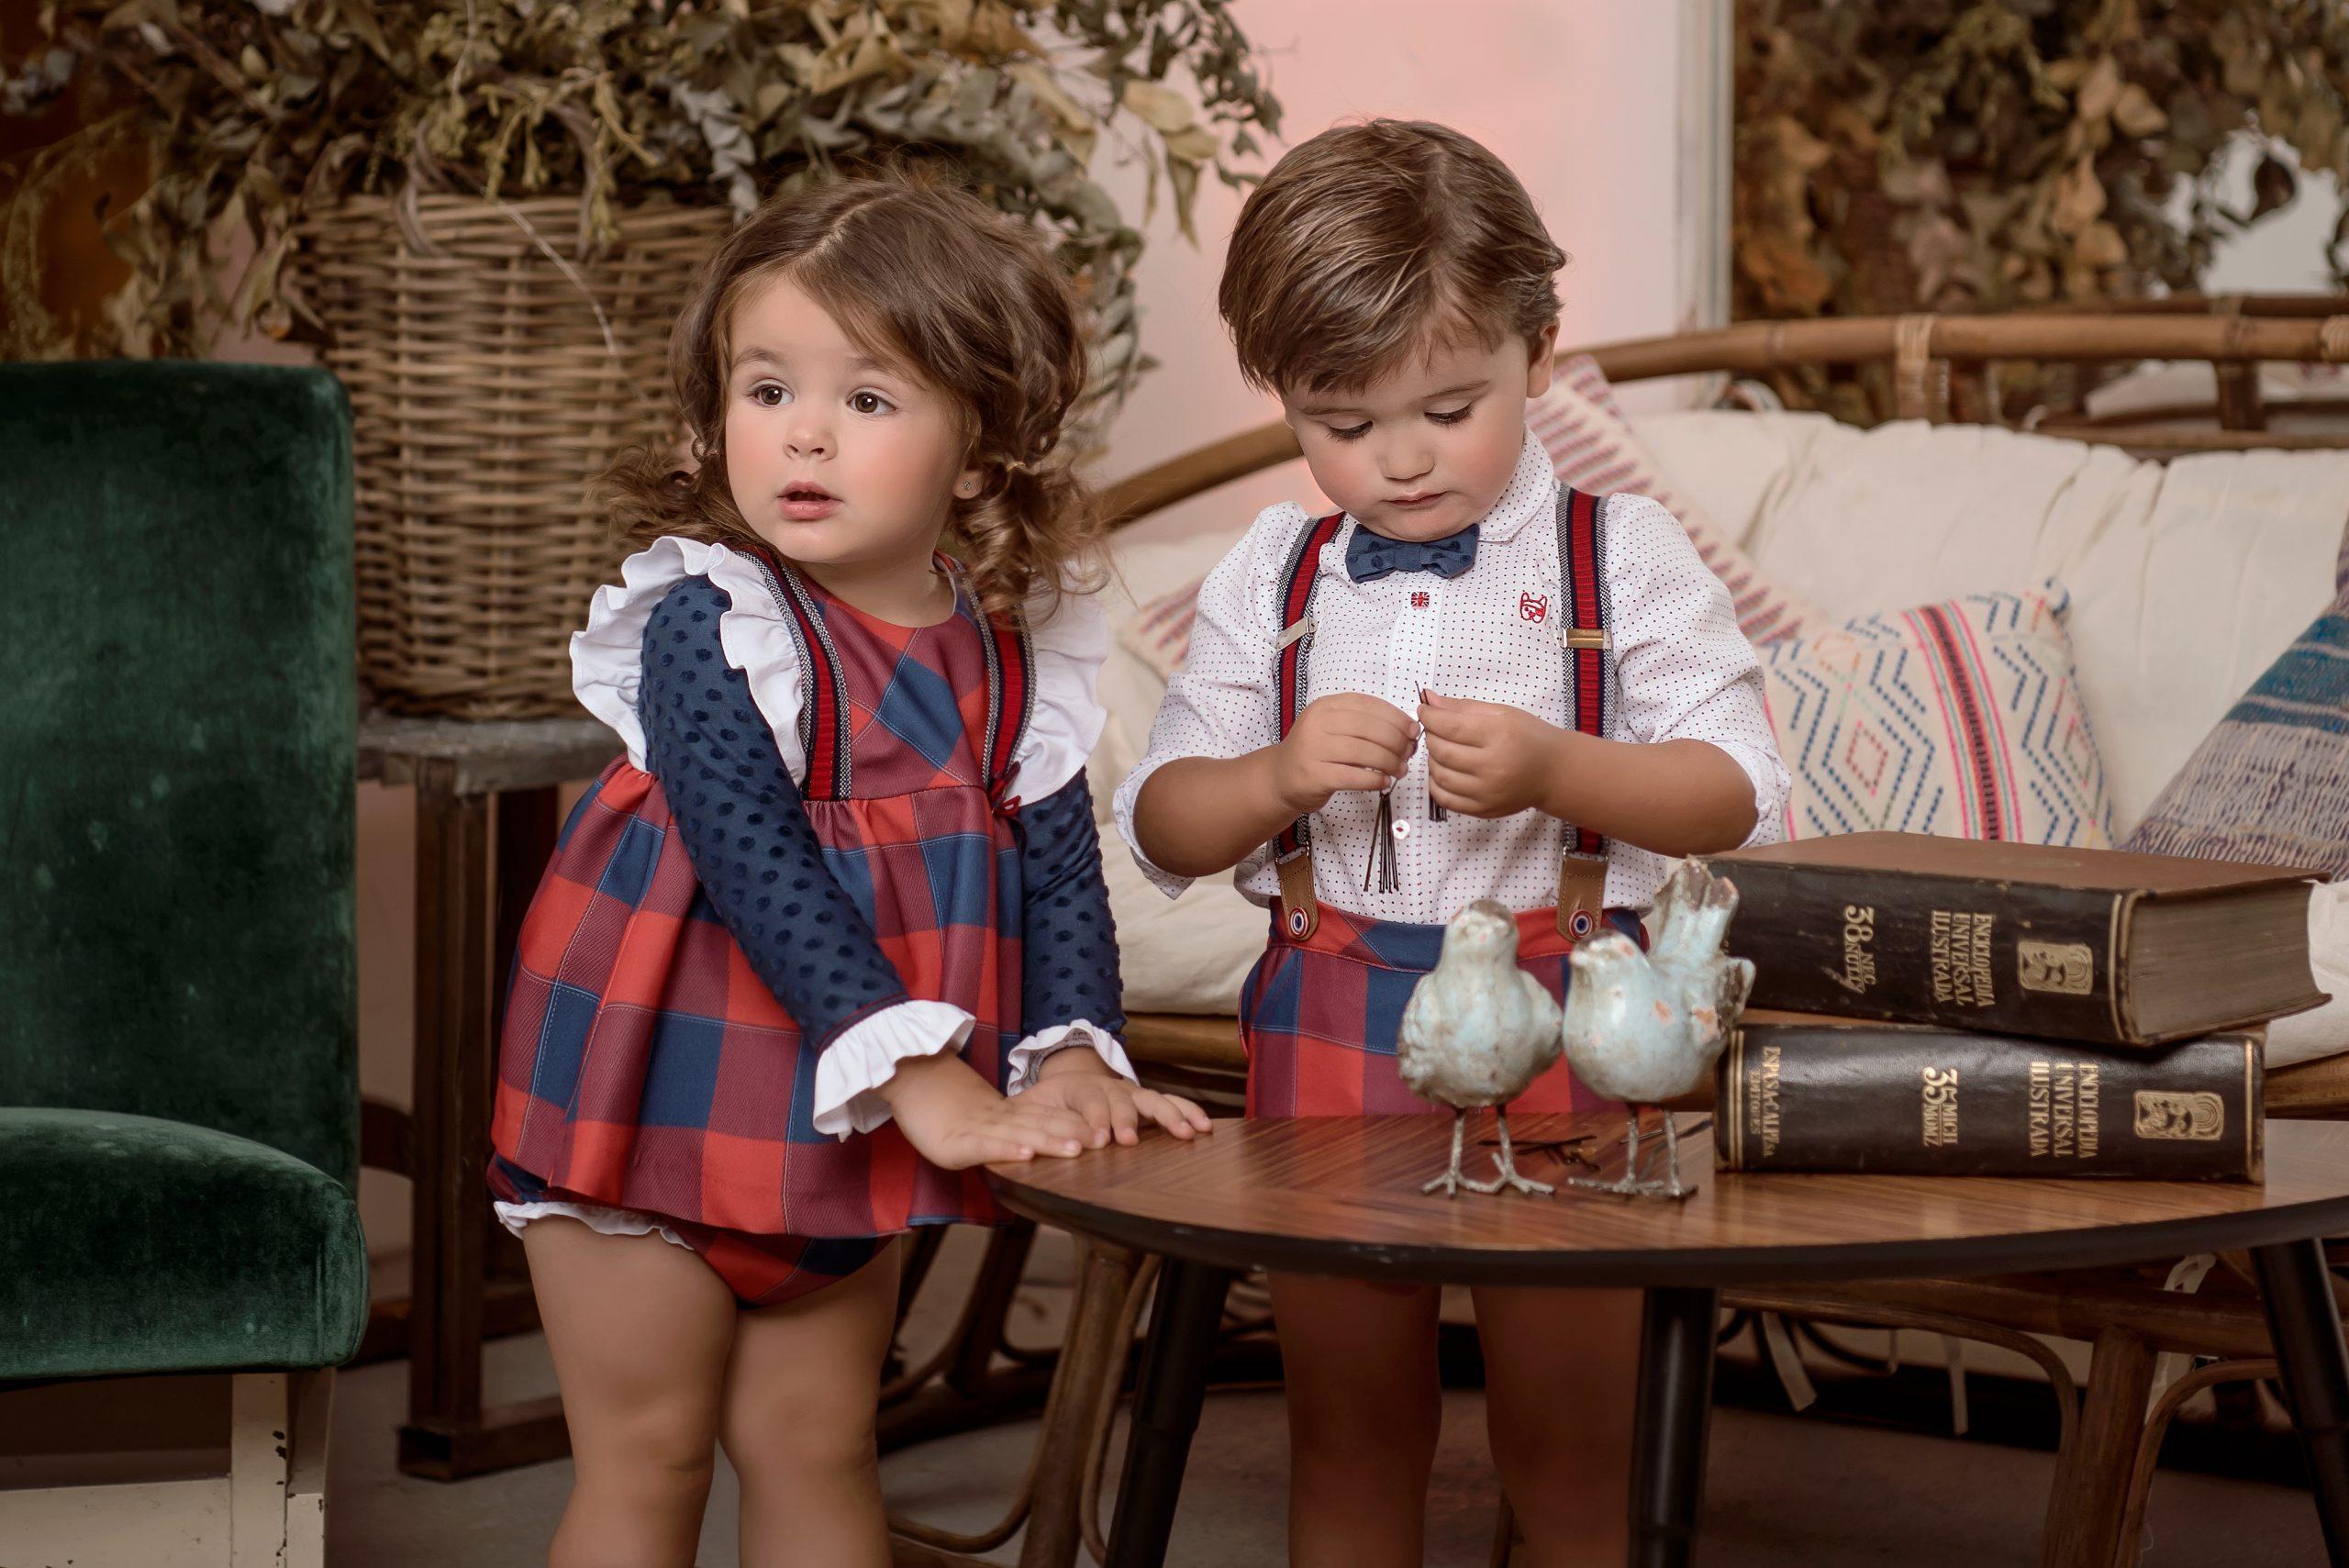 Consejos para elegir bien la ropa de tus hijos